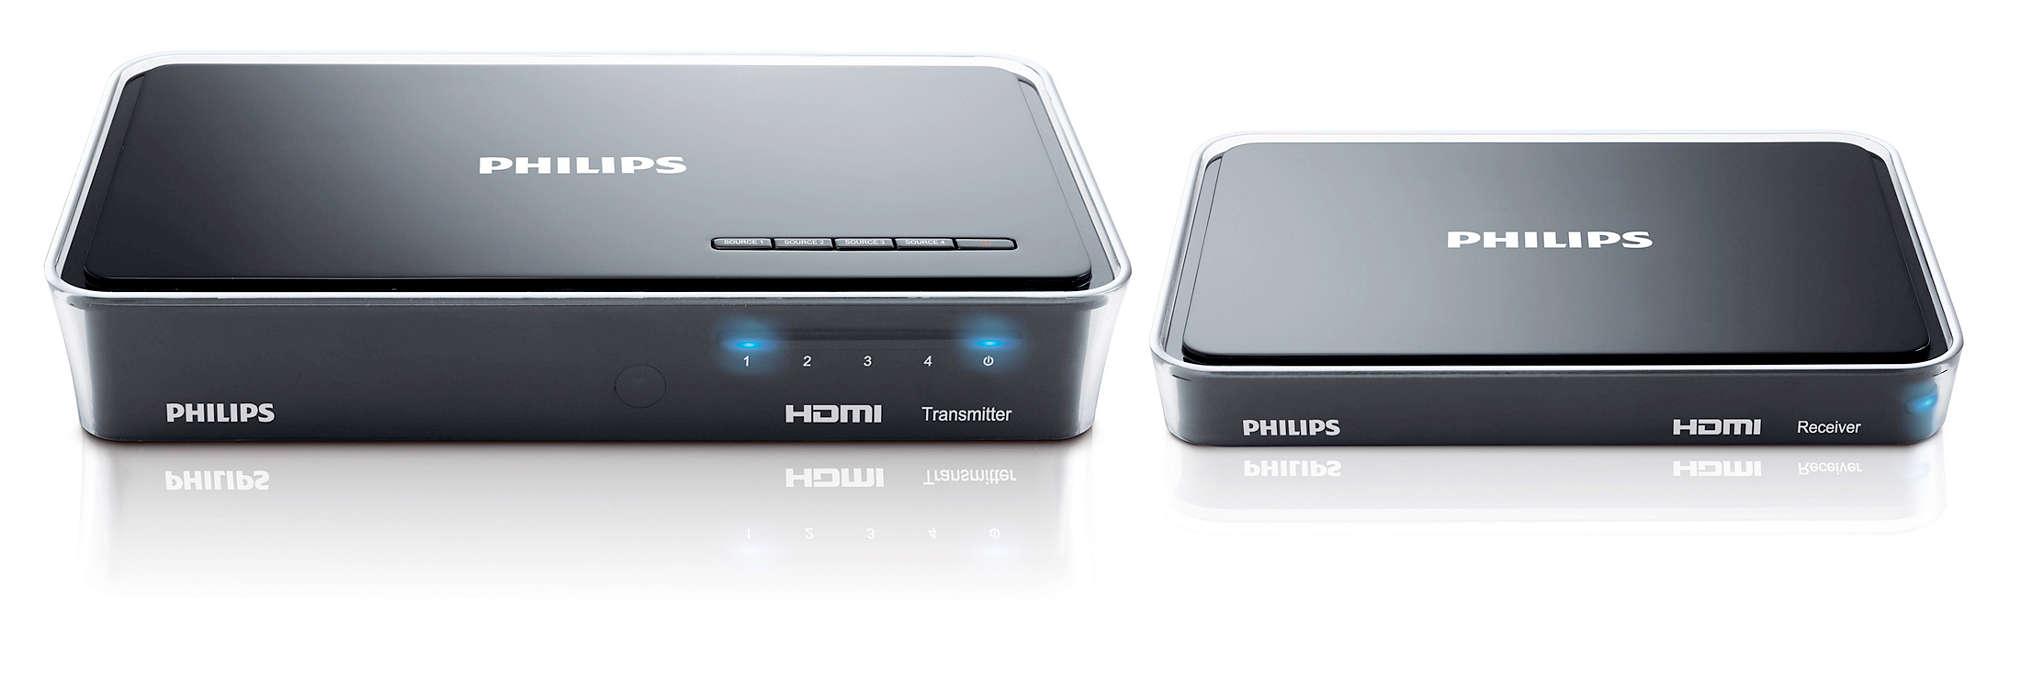 Impostazione personalizzata dell'HDTV